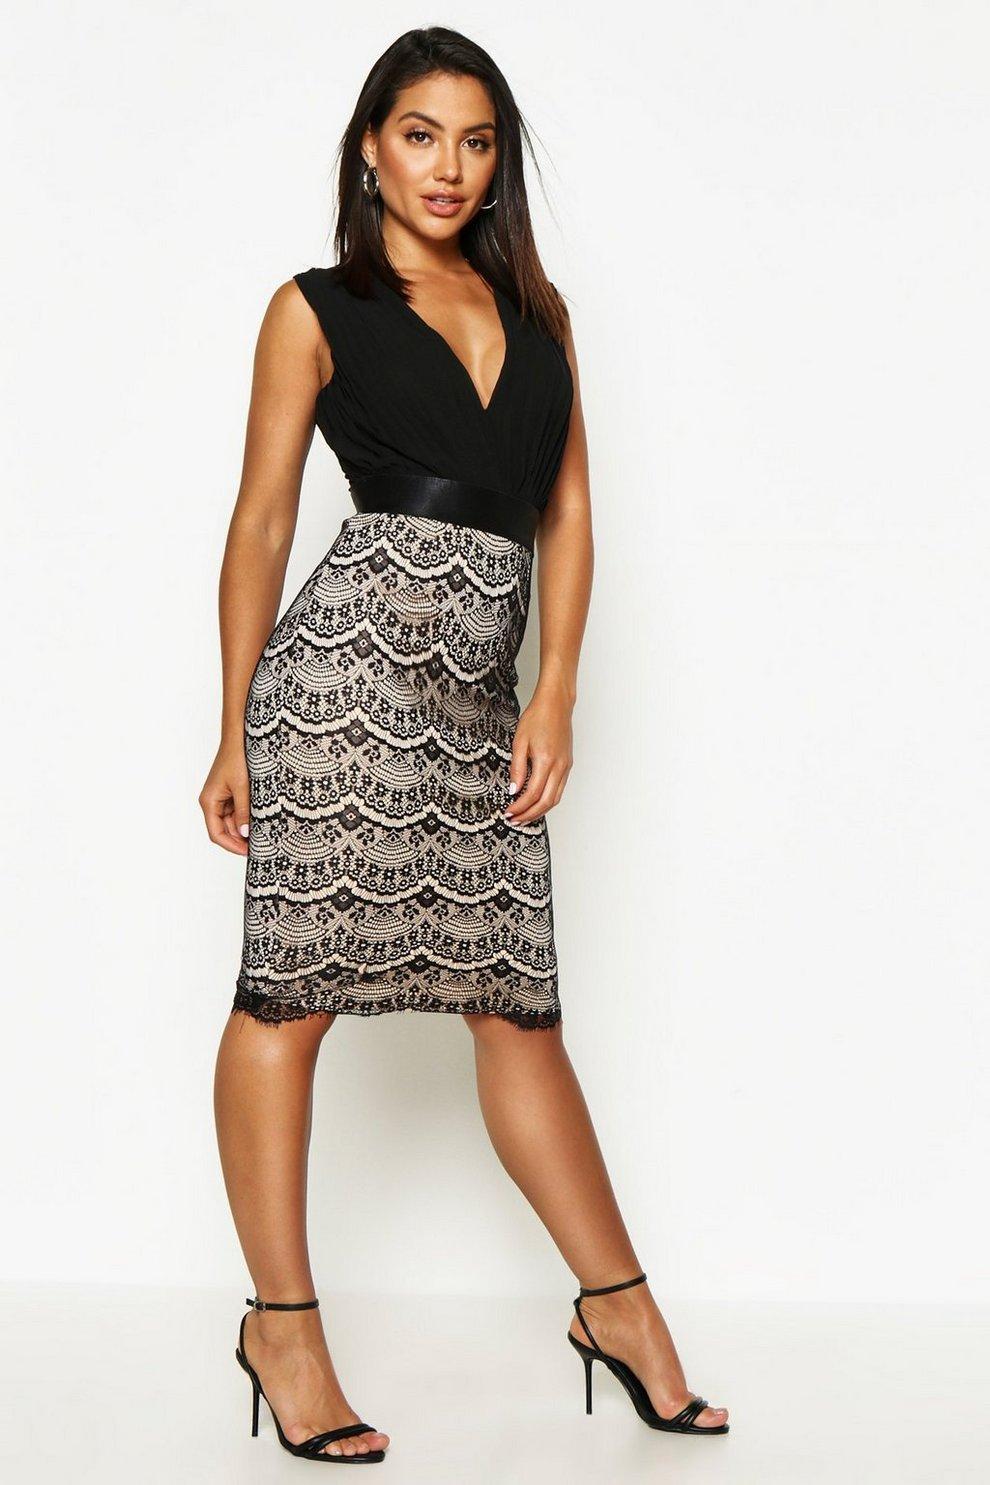 Boutique 2 in 1 Bodycon Midi Dress | Boohoo